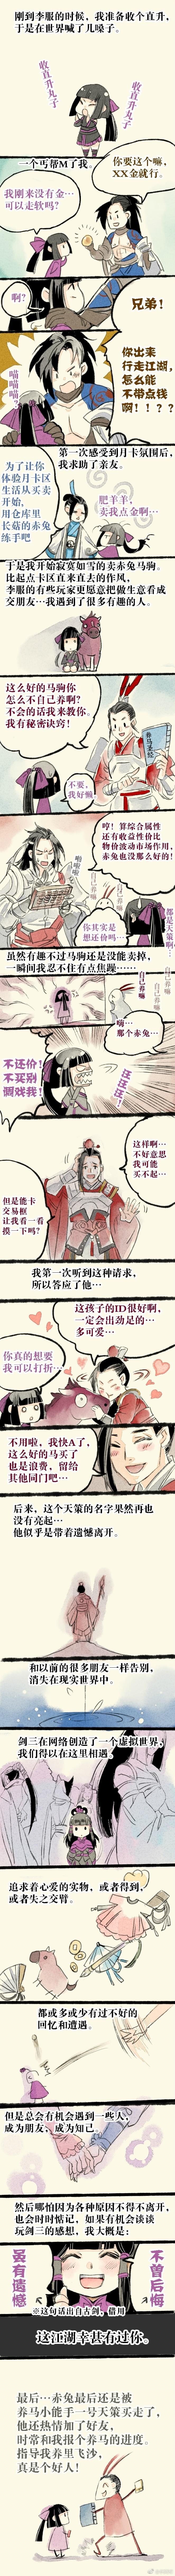 《剑网3》同人漫画分享:每只二哈都有赤兔梦